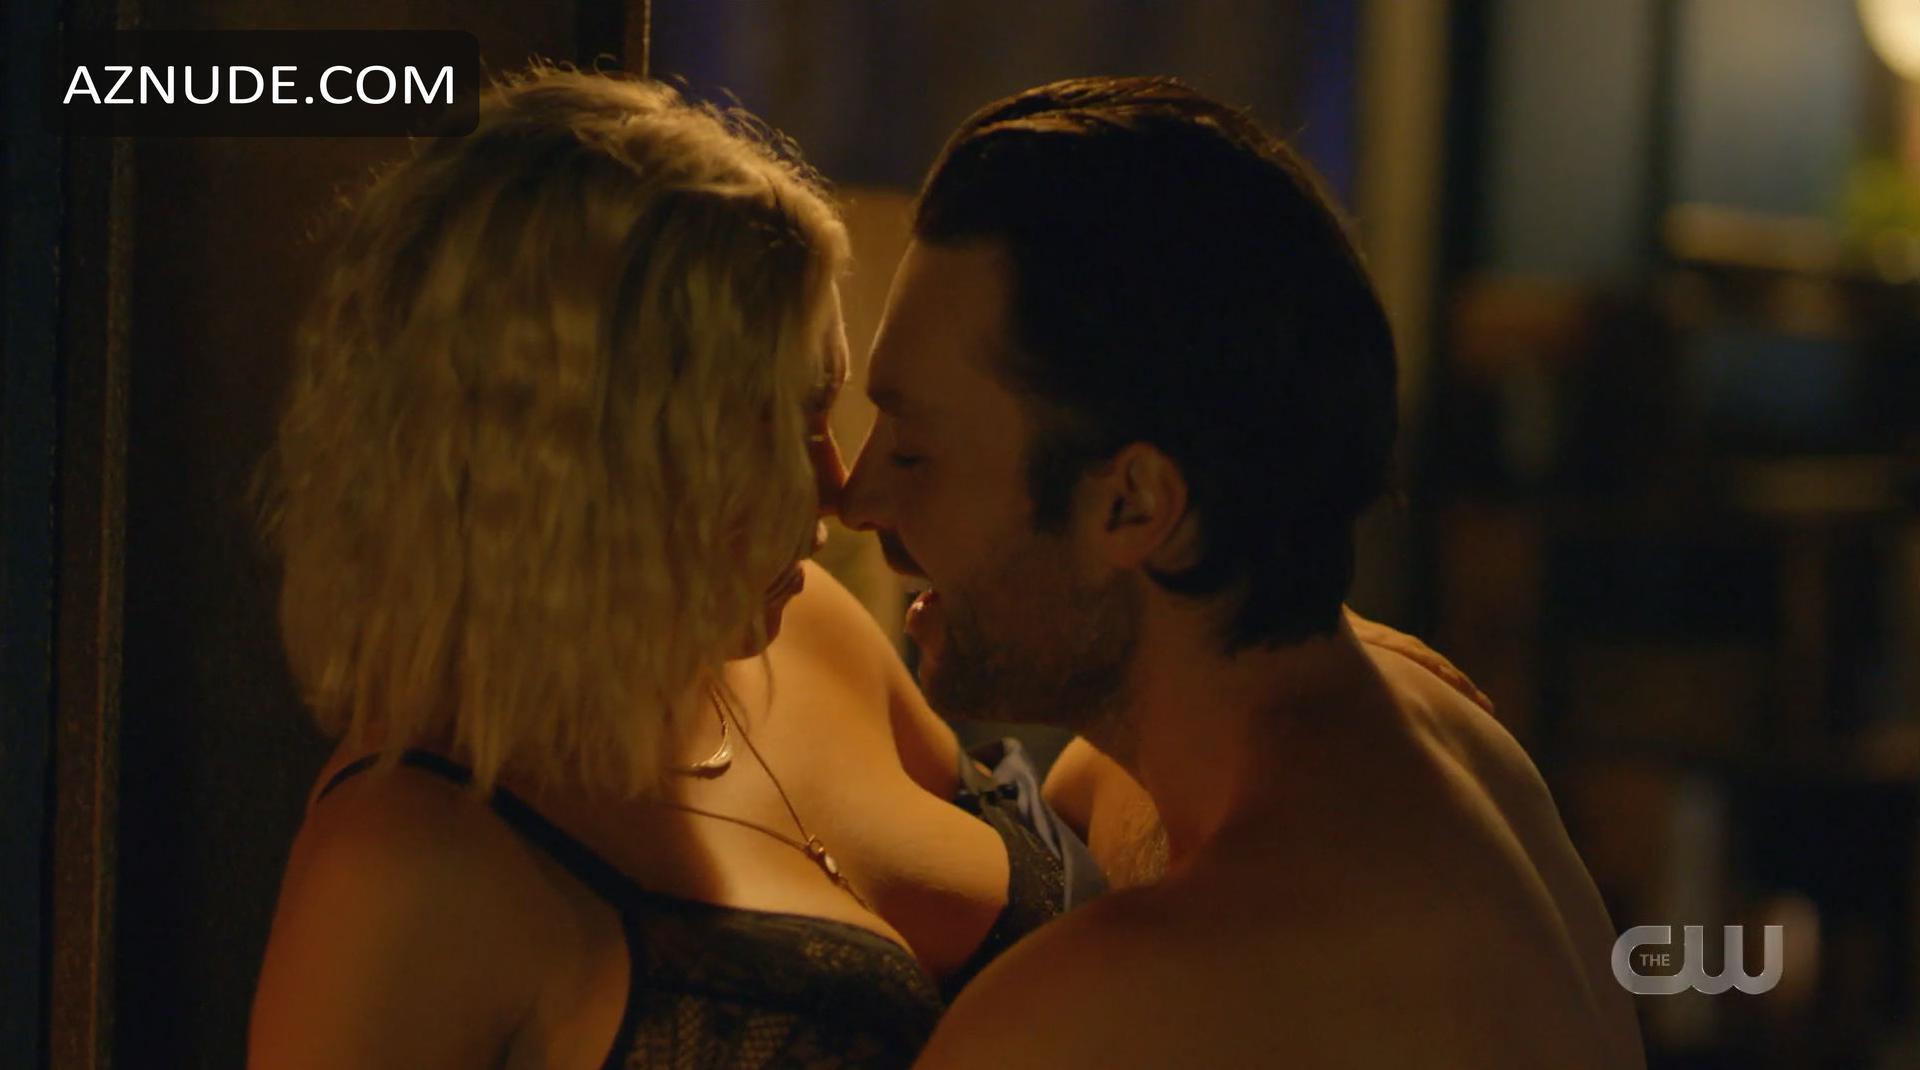 100 Videos De Porno the 100 nude scenes - aznude